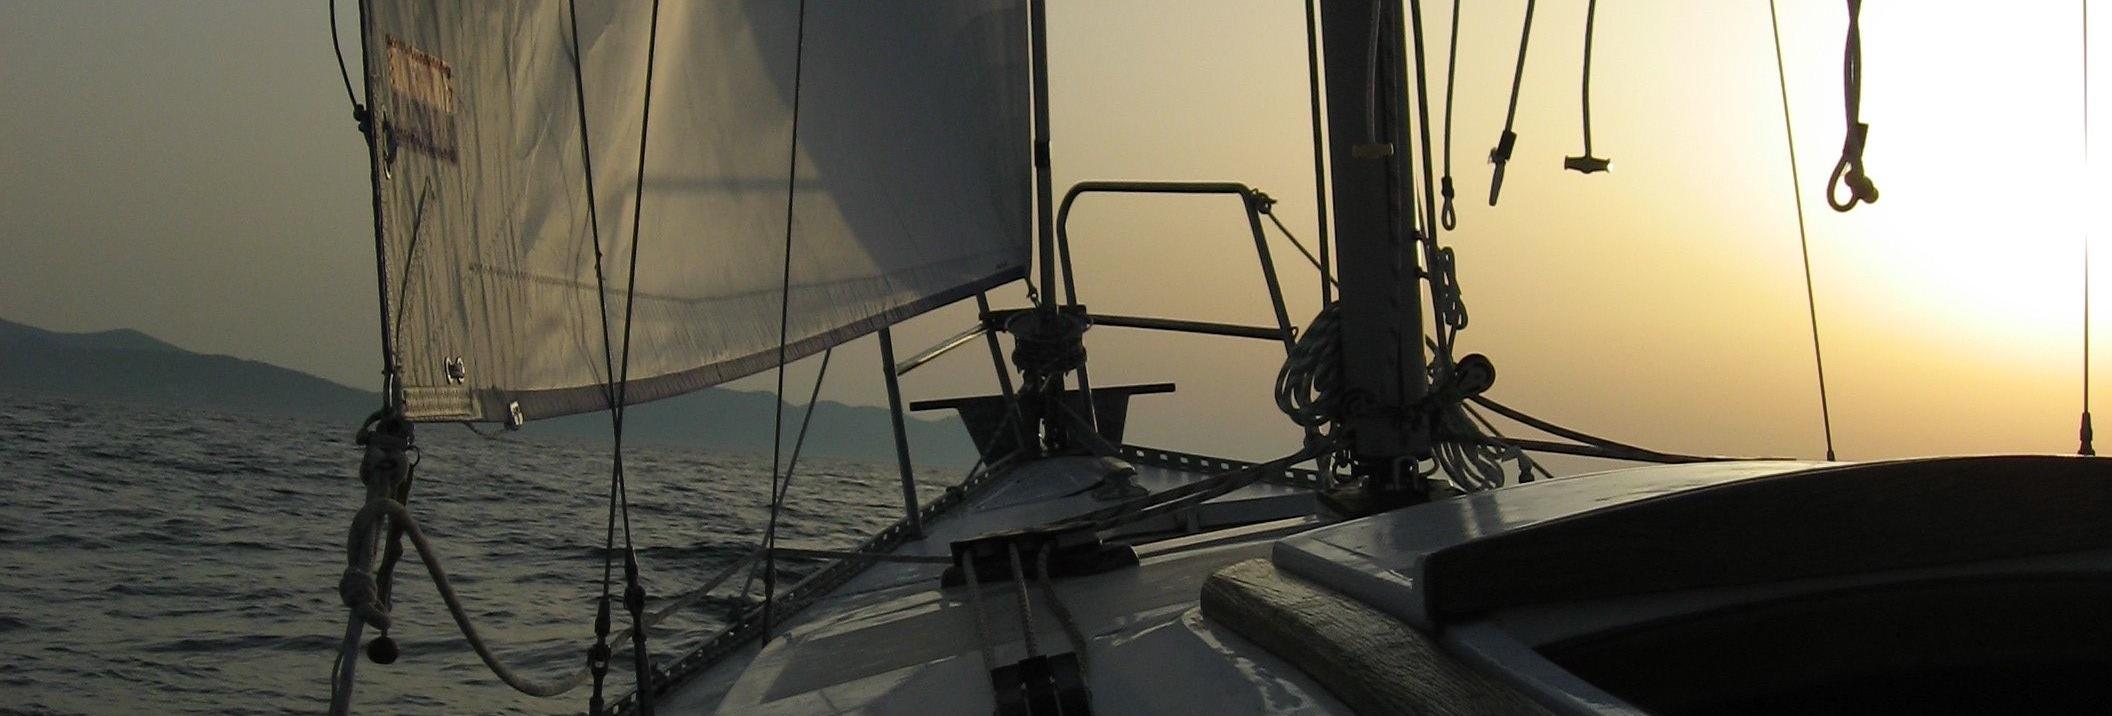 Sailing Branka Valcic